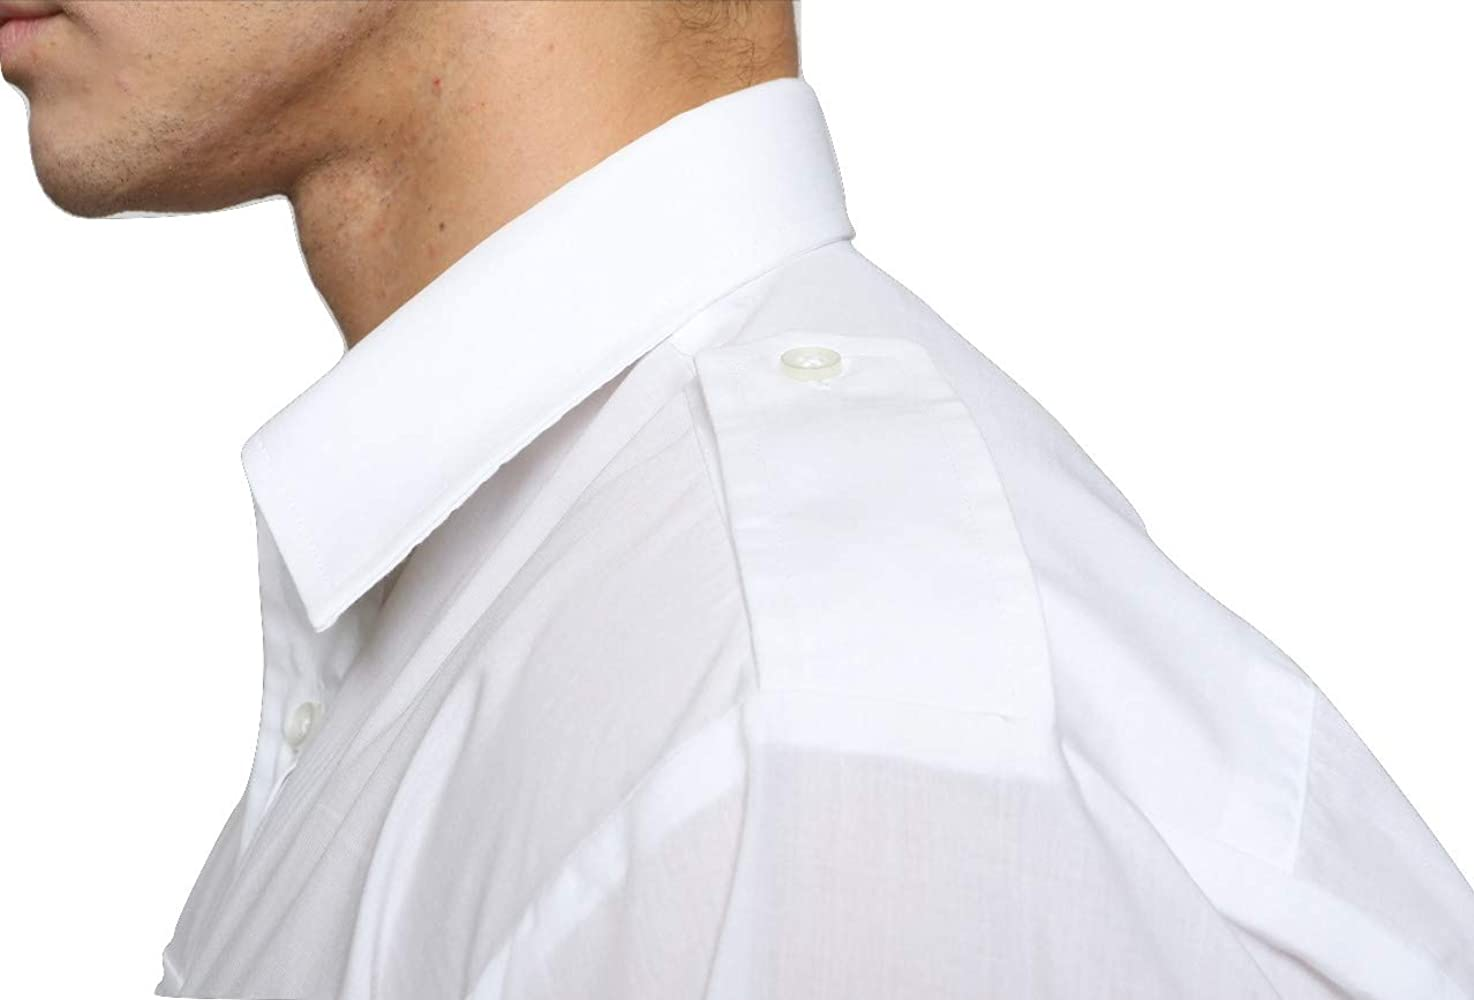 Mirabella Health & Beauty - Camiseta piloto de manga corta para hombre Blanco blanco 15: Amazon.es: Ropa y accesorios